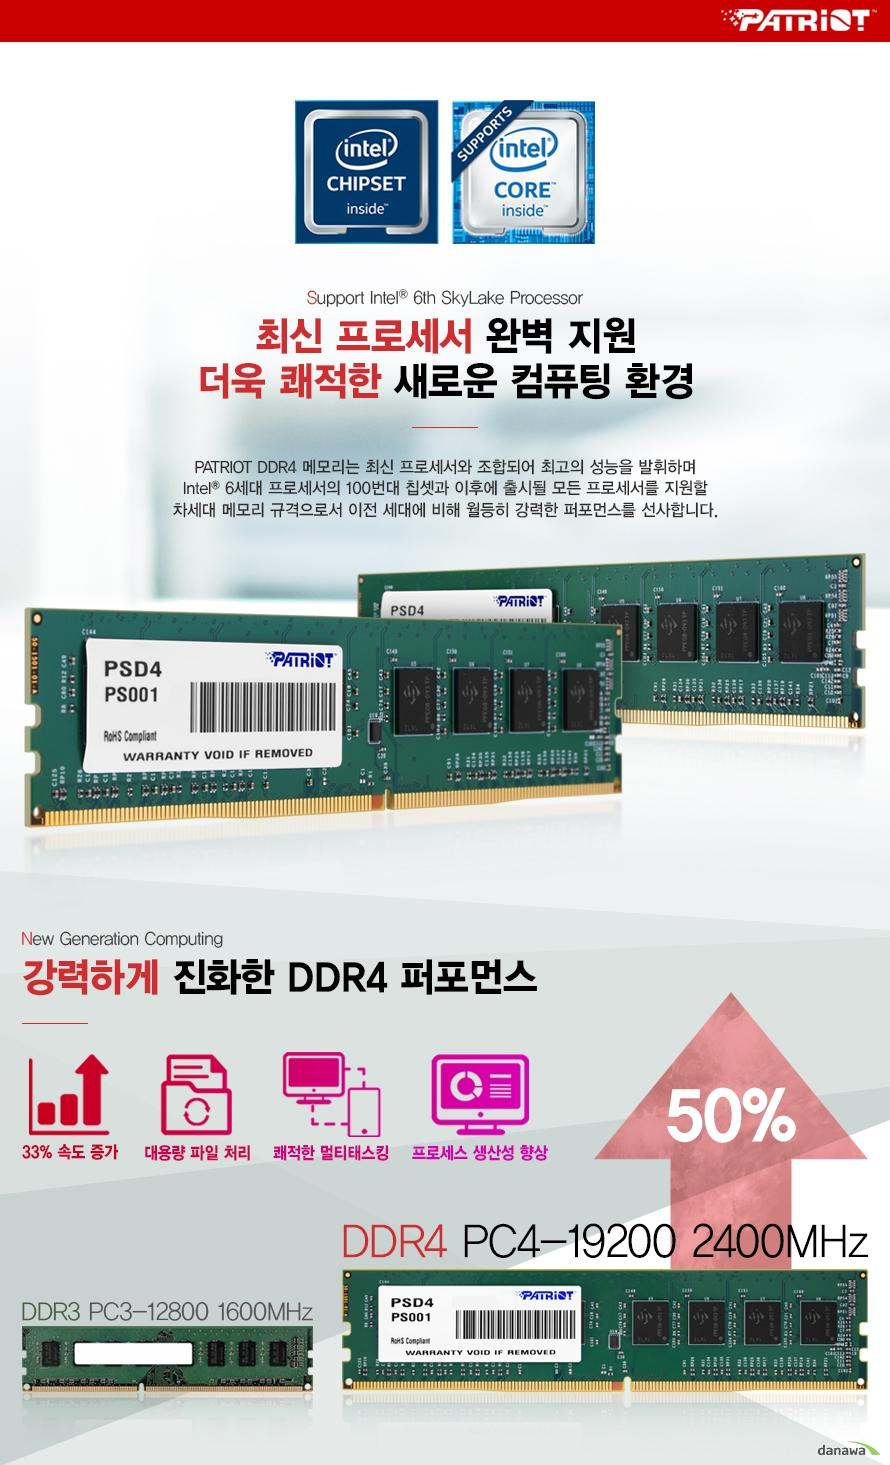 최신 프로세서 완벽 지원 더욱 쾌적한 새로운 컴퓨팅 환경 PATRIOT DDR4 메모리는 최신 프로세서와 조합되어 최고의 성능을 발휘하며 Intel 6세대 프로세서의 100번대 칩셋과 이후에 출시될 모든 프로세서를 지원할 차세대 메모리 규격으로서 이전 세대에 비해 월등히 강력한 퍼포먼스를 선사합니다.